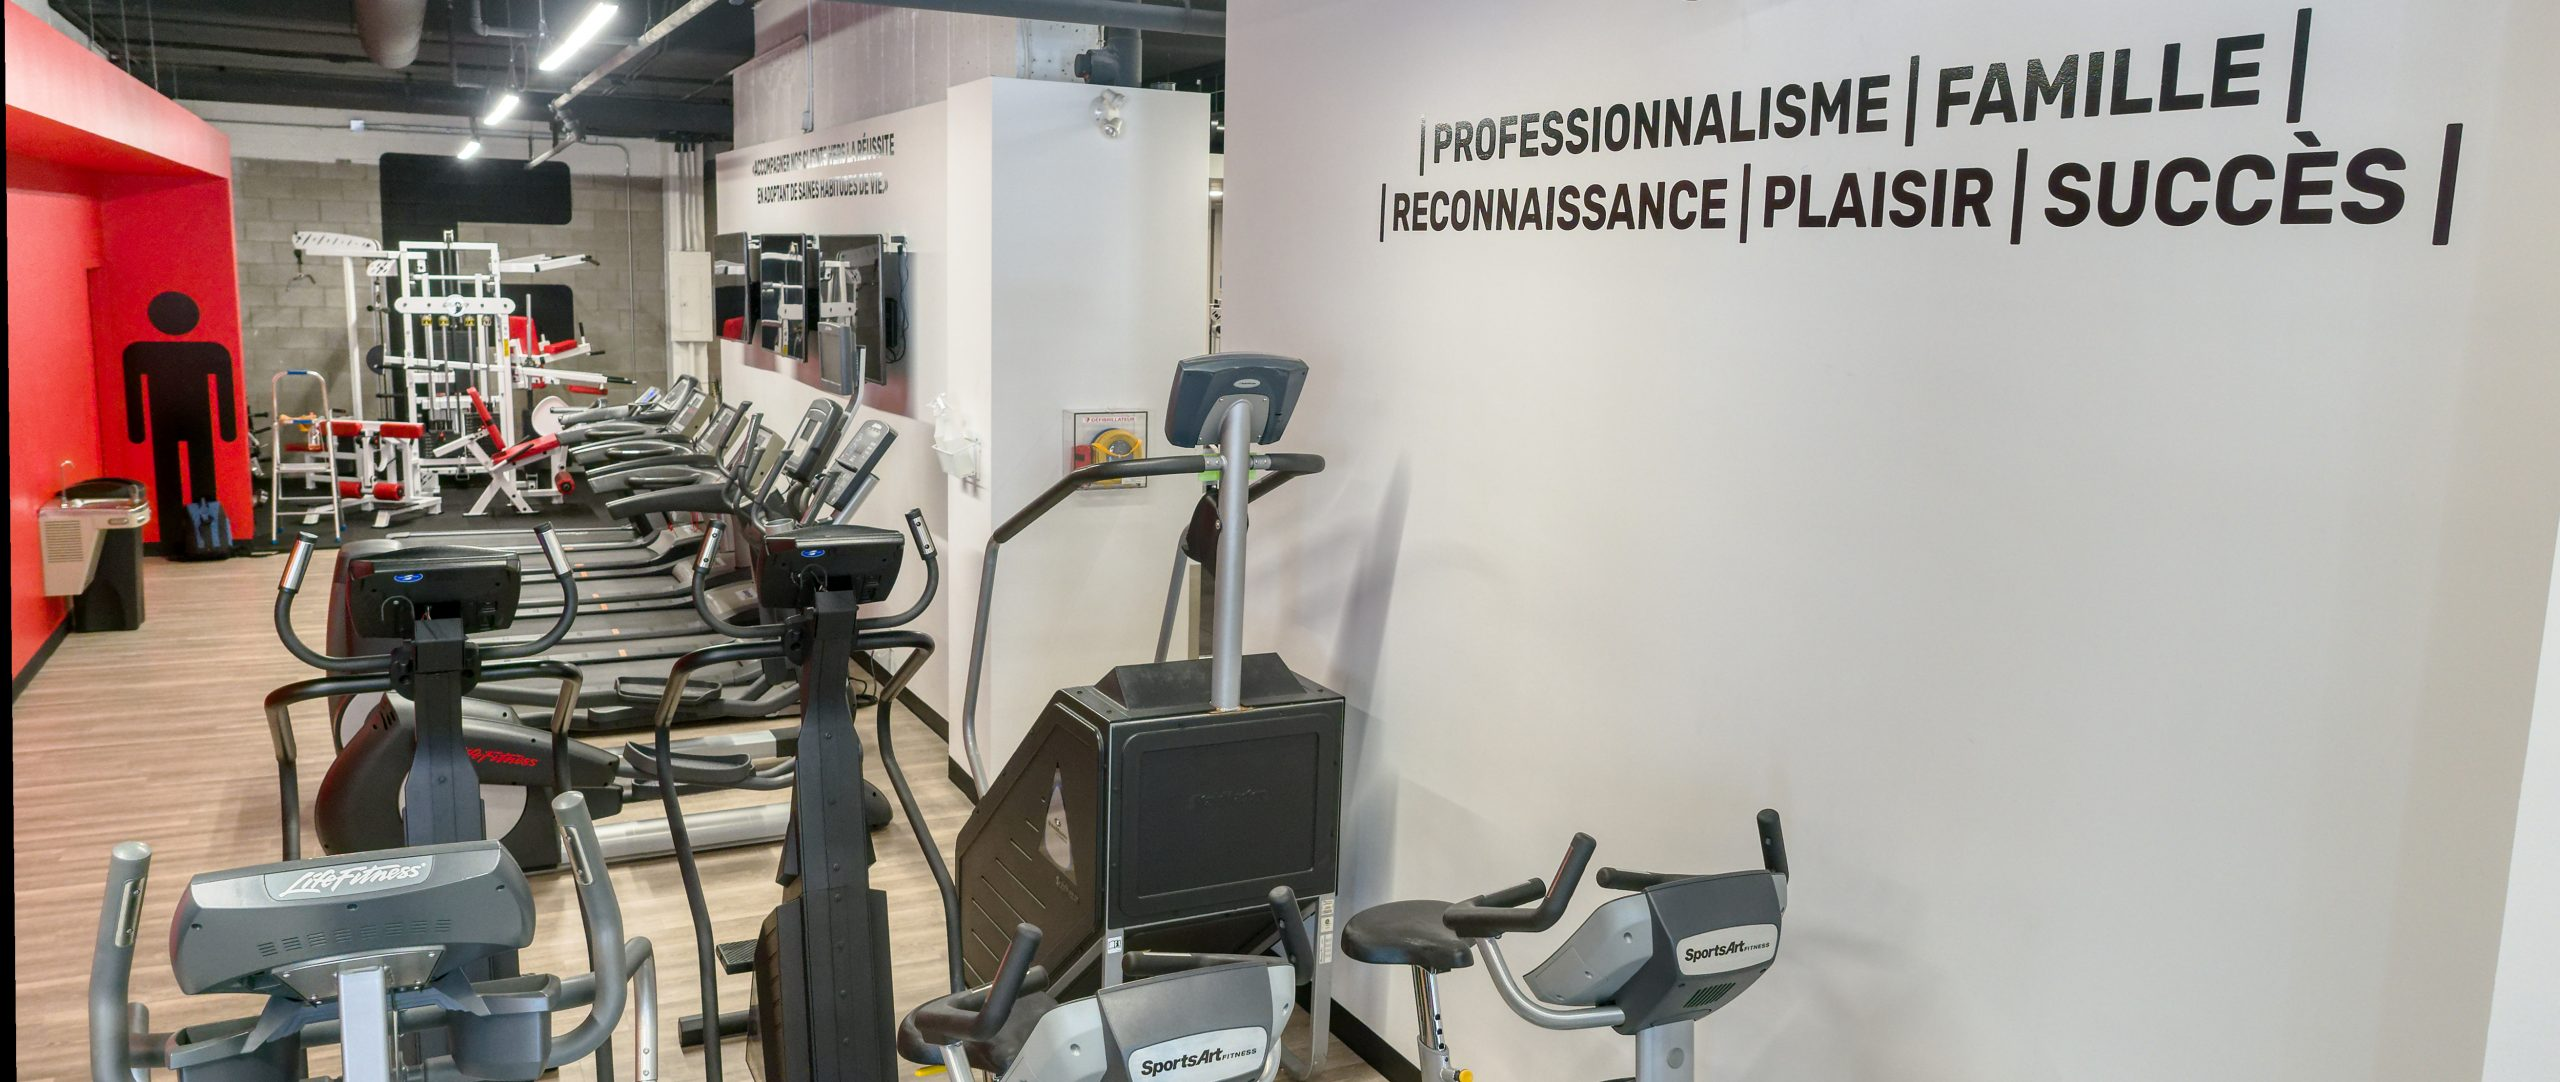 Image du gym